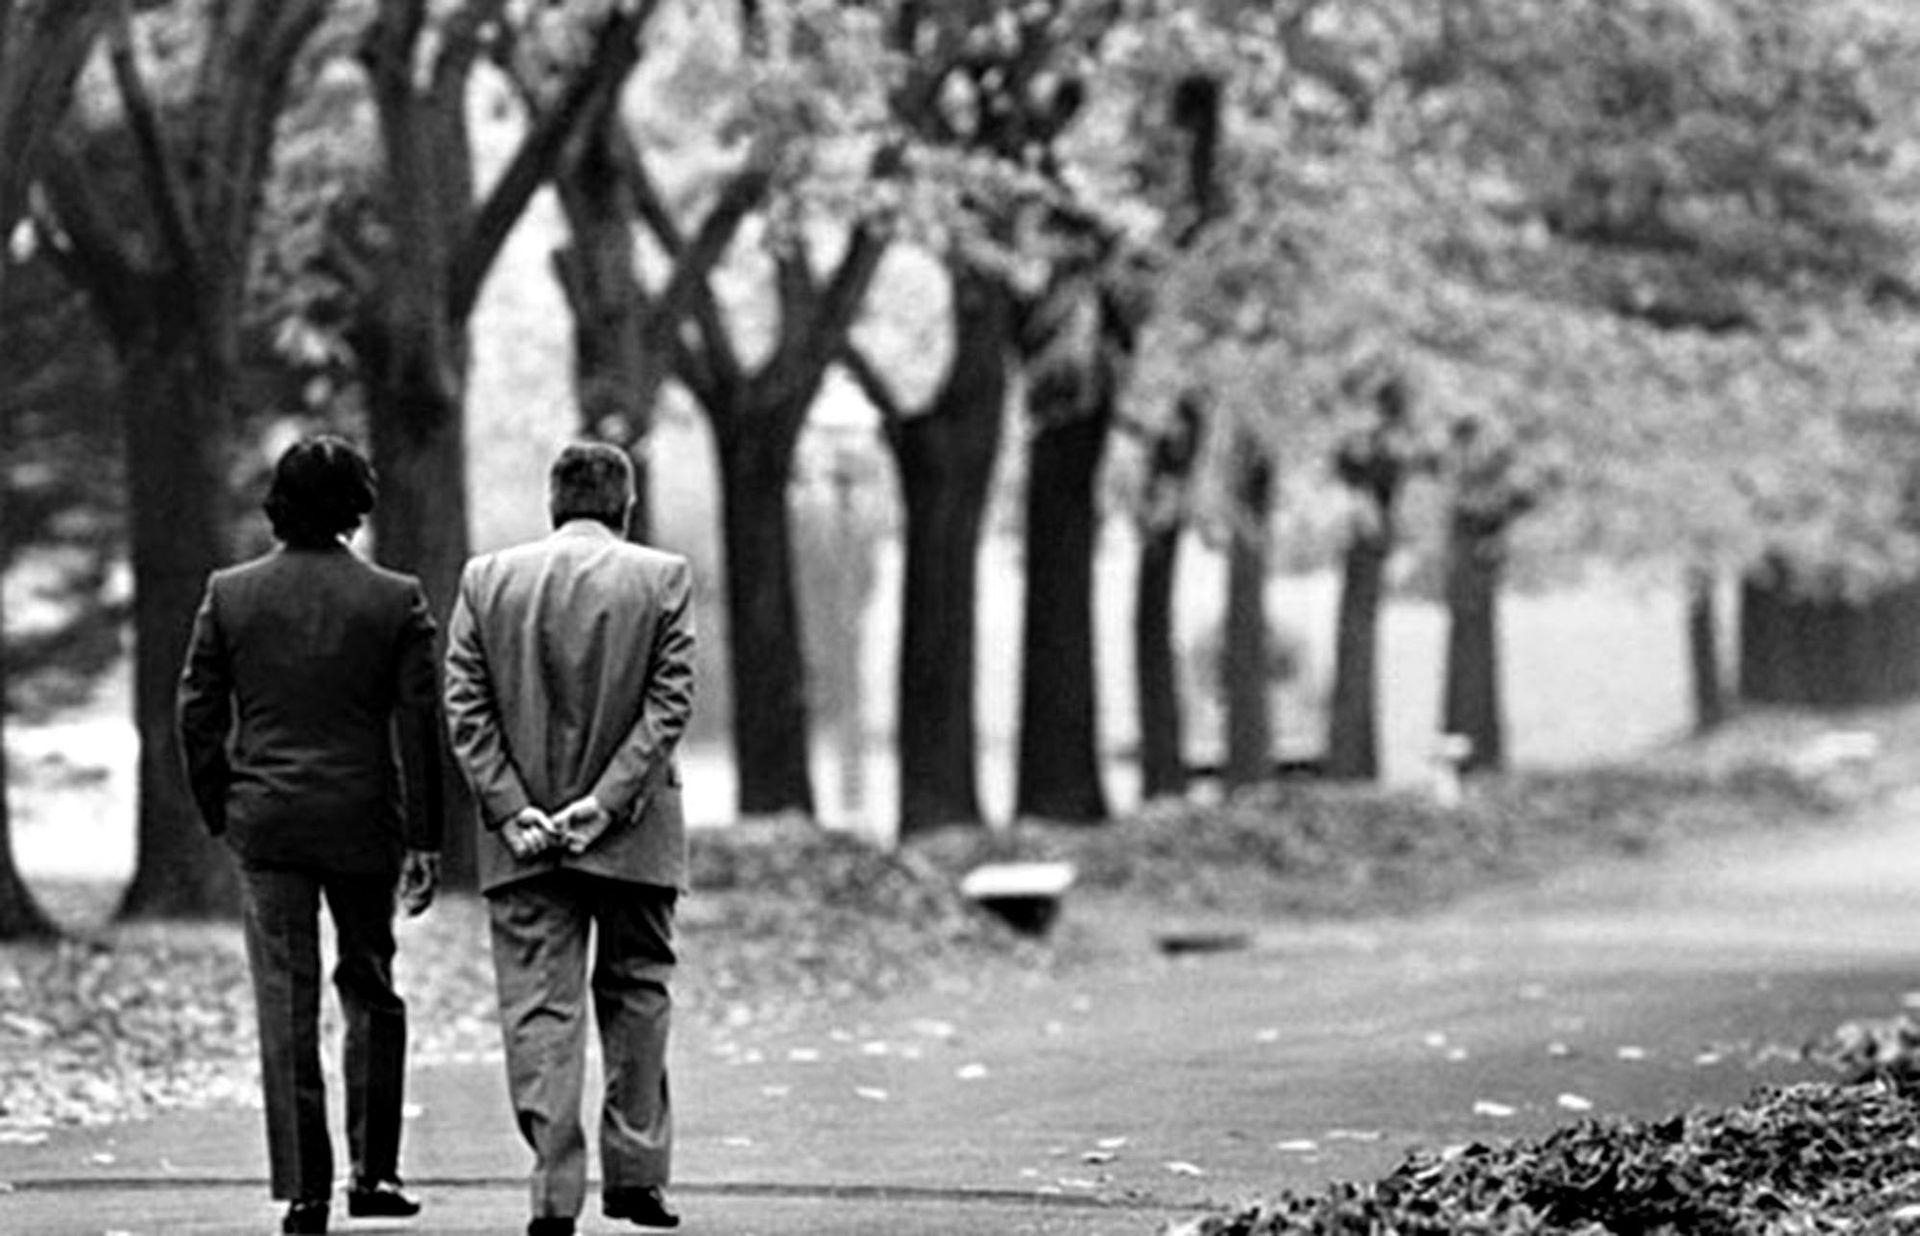 El presidente argentino Raúl Alfonsín y el presidente electo Carlos Menem, caminando por la quinta de Olivos durante el período de transición presidencial, el 31 de mayo de 1989